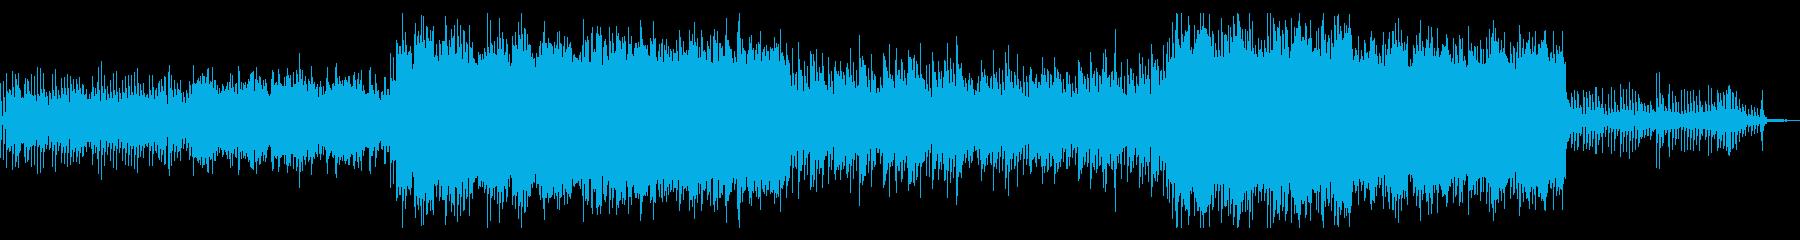 【和風】ほのぼの、日常、リラックスの再生済みの波形